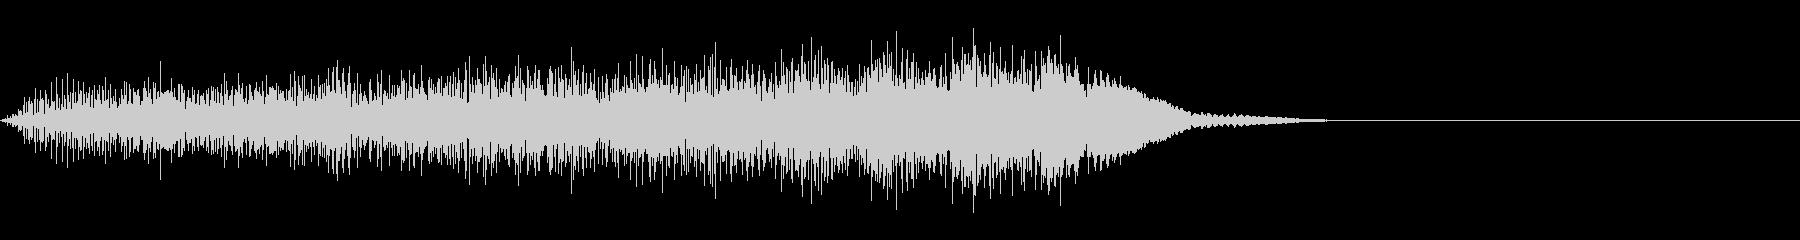 上昇音・キラーン・シャララン・金管楽器の未再生の波形